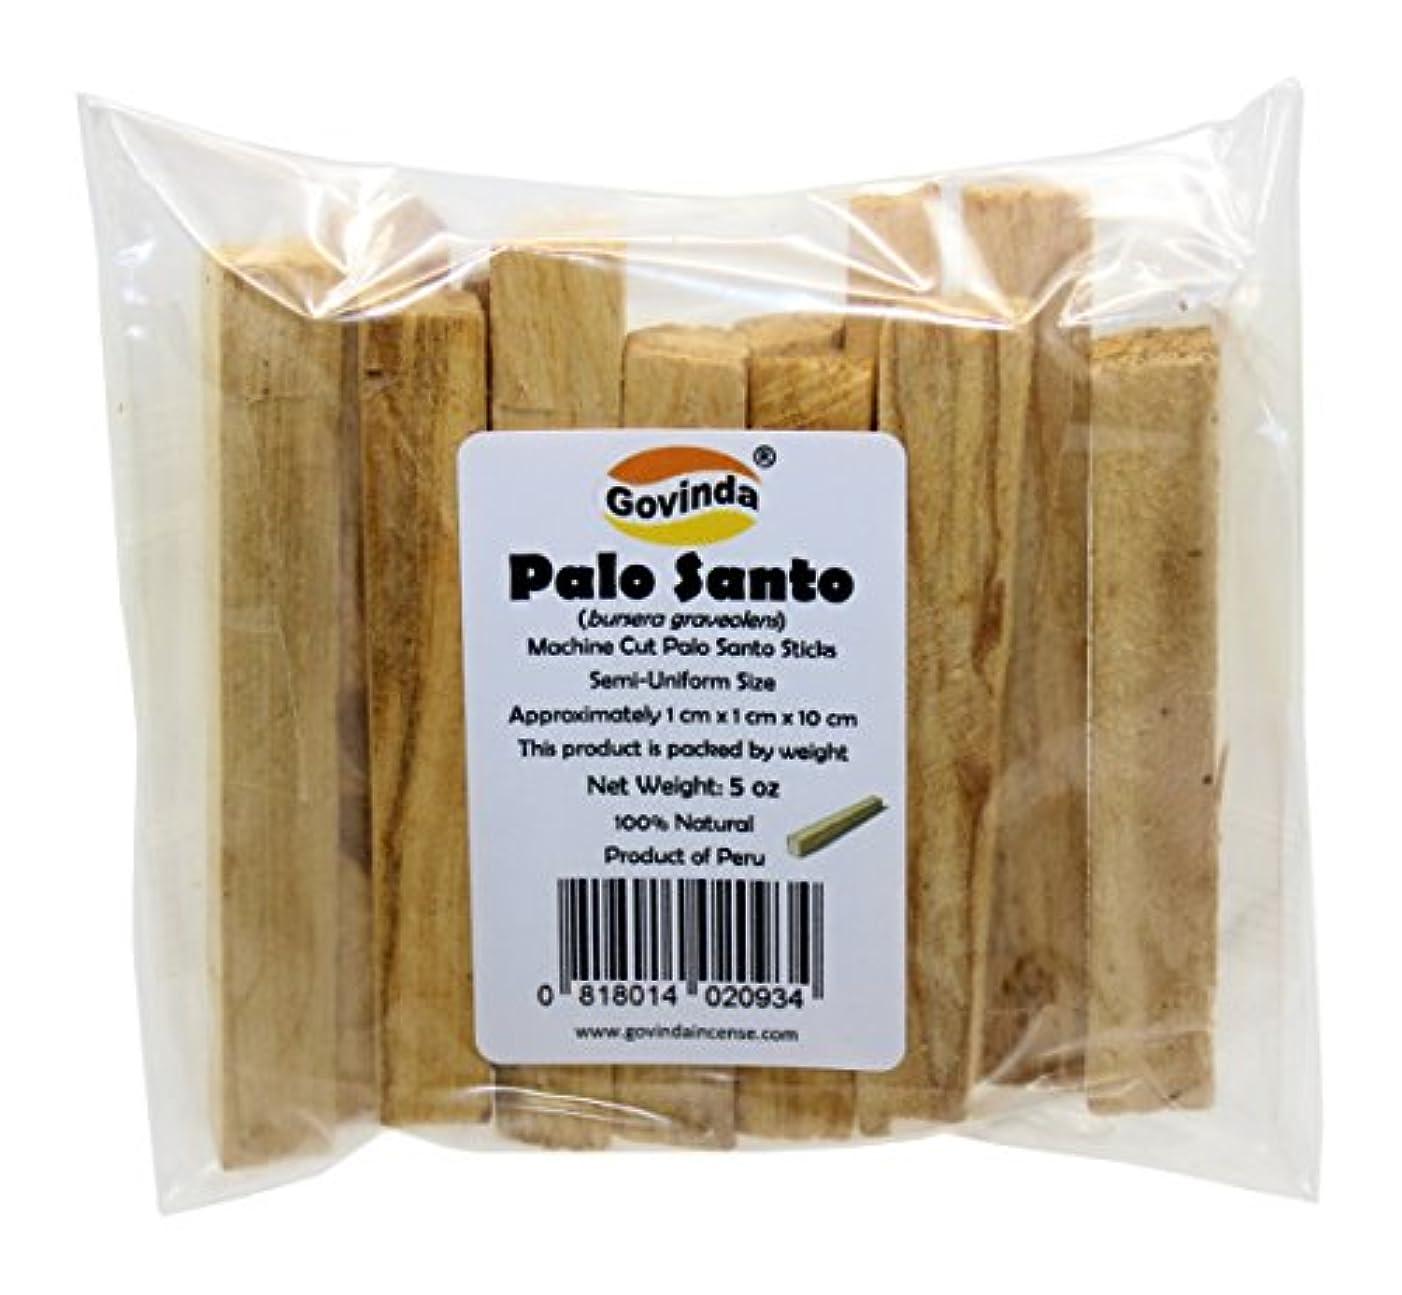 何故なの引き出し調べるGovindaプレミアムPalo Santo Holy Wood Incense Sticks 5オンスパックfor purifying、クレンジング、ヒーリング、瞑想、Stress Relief。100 %天然